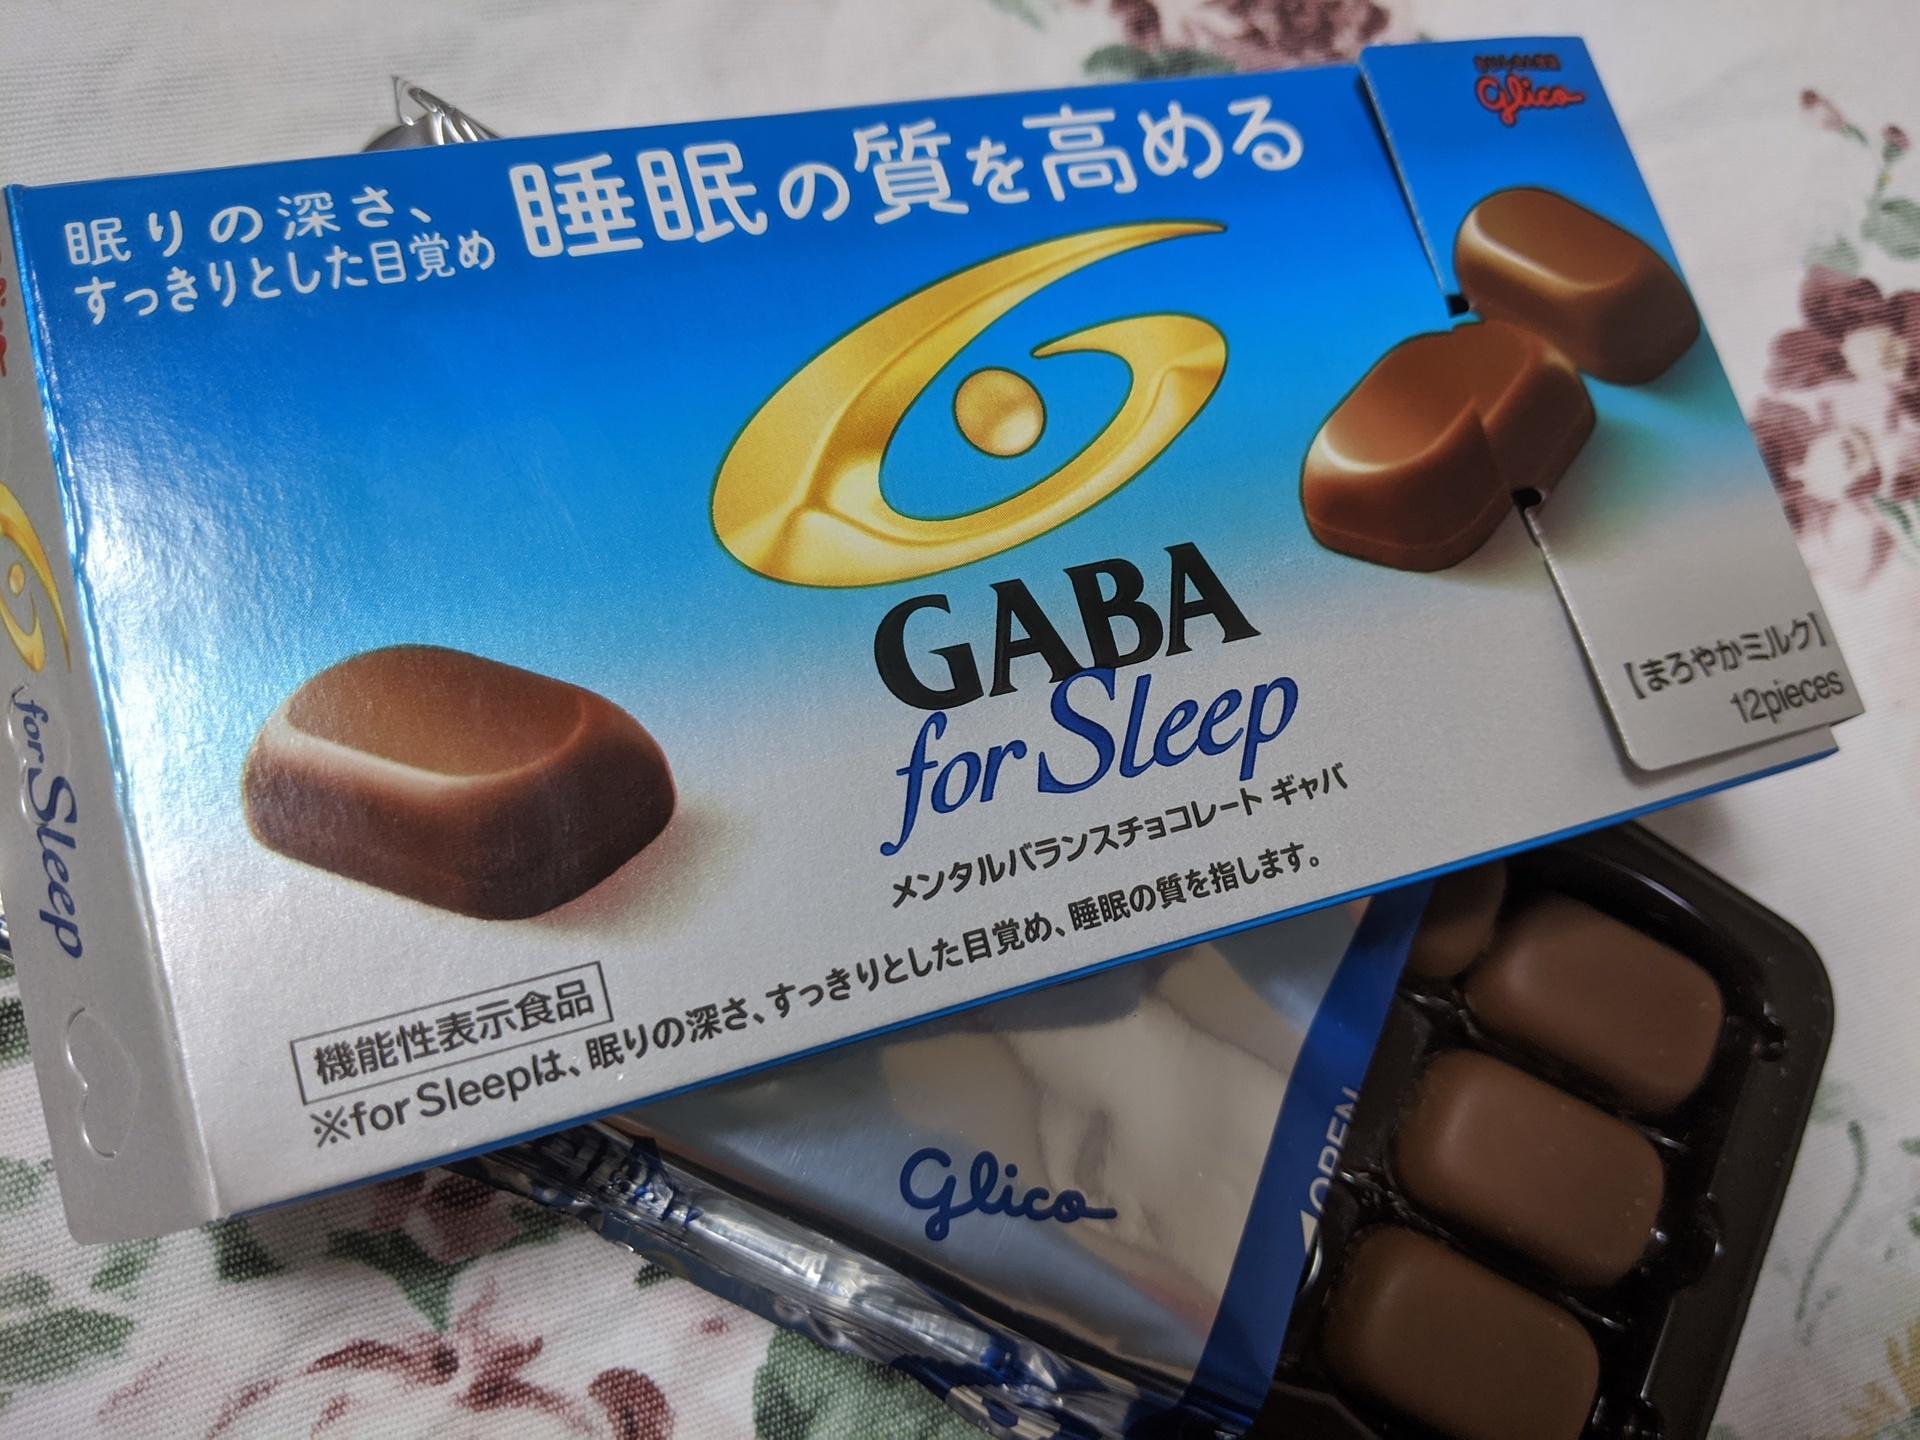 睡眠 の 質 を 高める